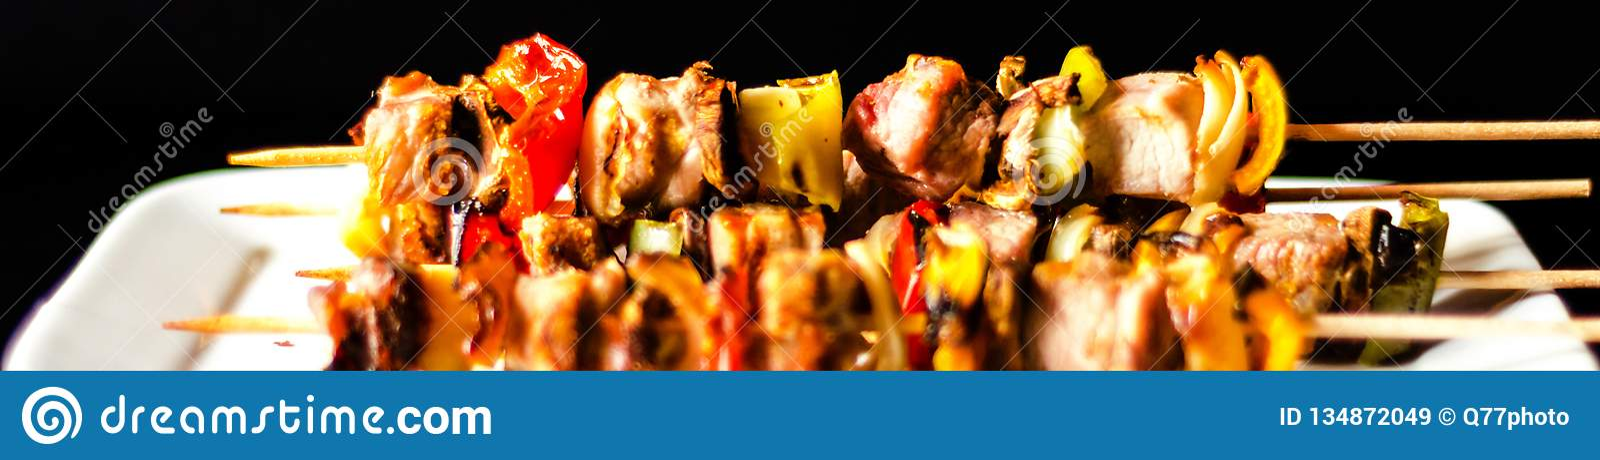 Gegrillte Aufsteckspindeln des Fleisches und des Gemüses auf einem hölzernen Brett-, bunten und geschmackvollenteller